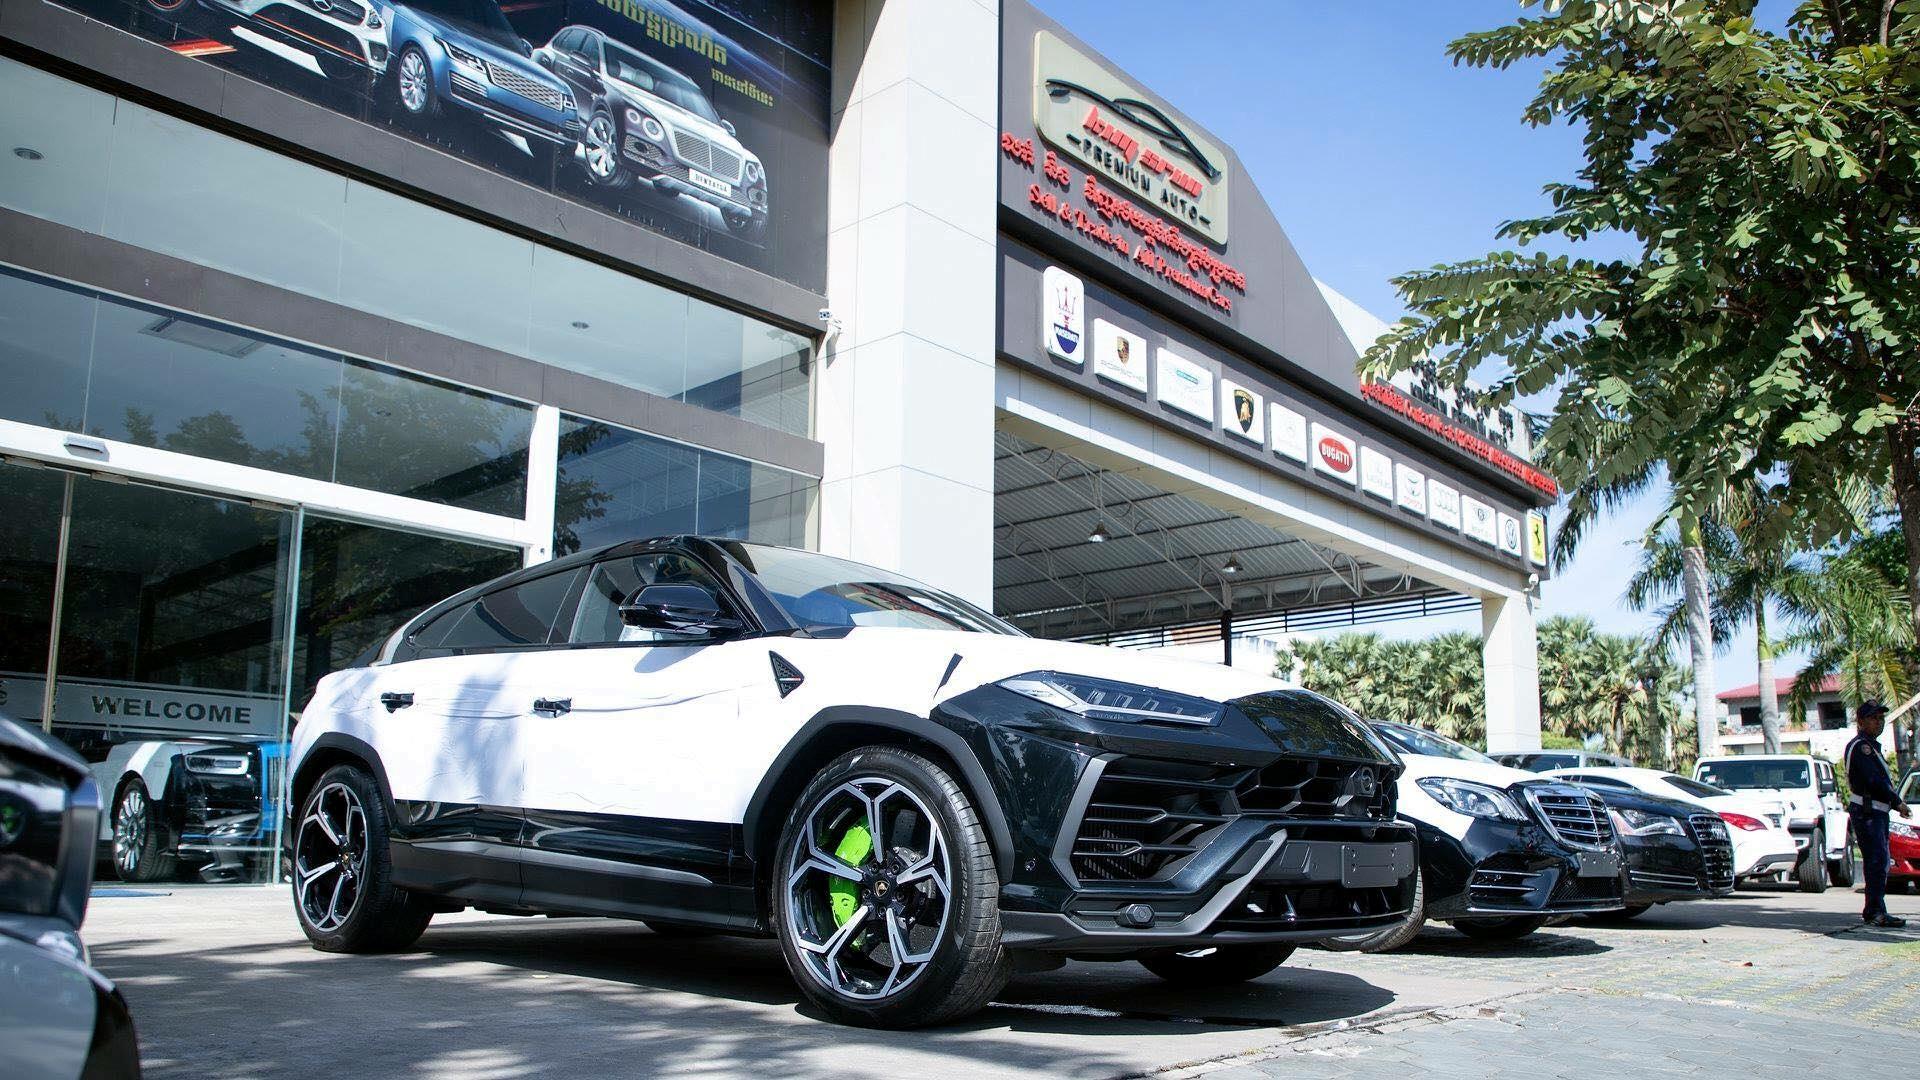 Cận cảnh 'siêu SUV' Lamborghini Urus thứ ba đặt chân đến Campuchia Ảnh 11